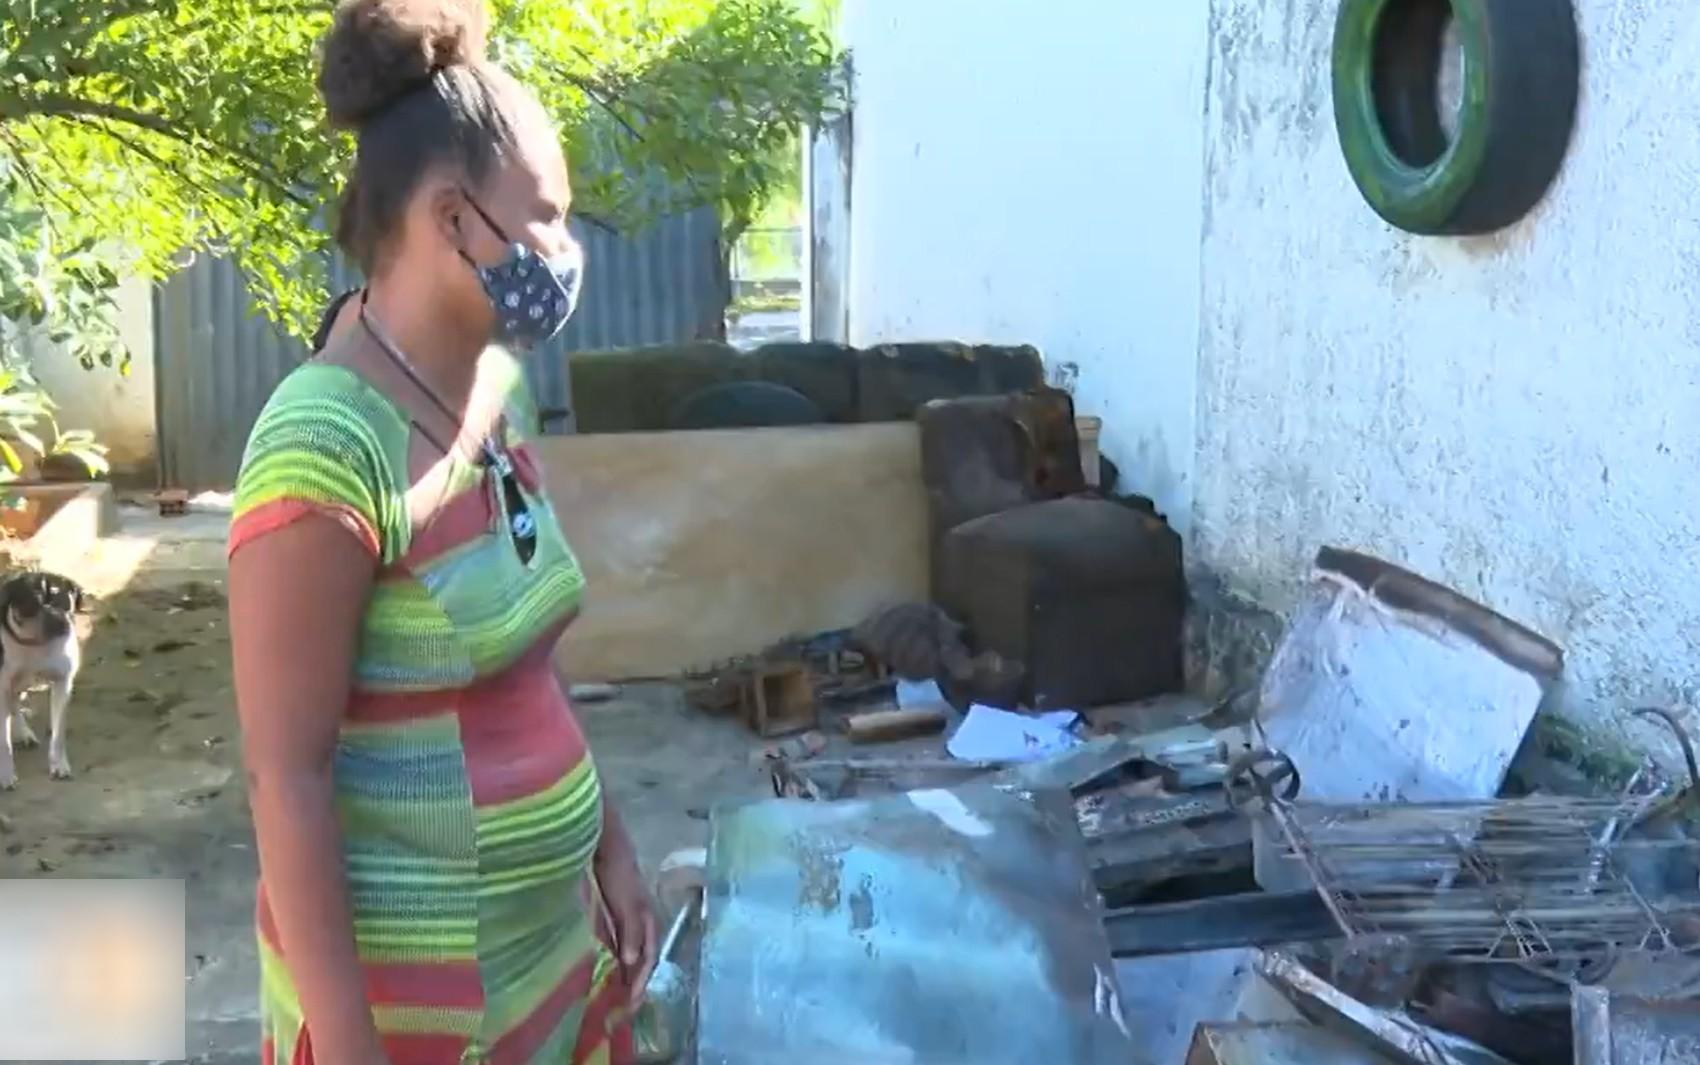 Mulher denuncia que ex-companheiro colocou fogo na casa dela por não aceitar o fim da relação, em Goiânia